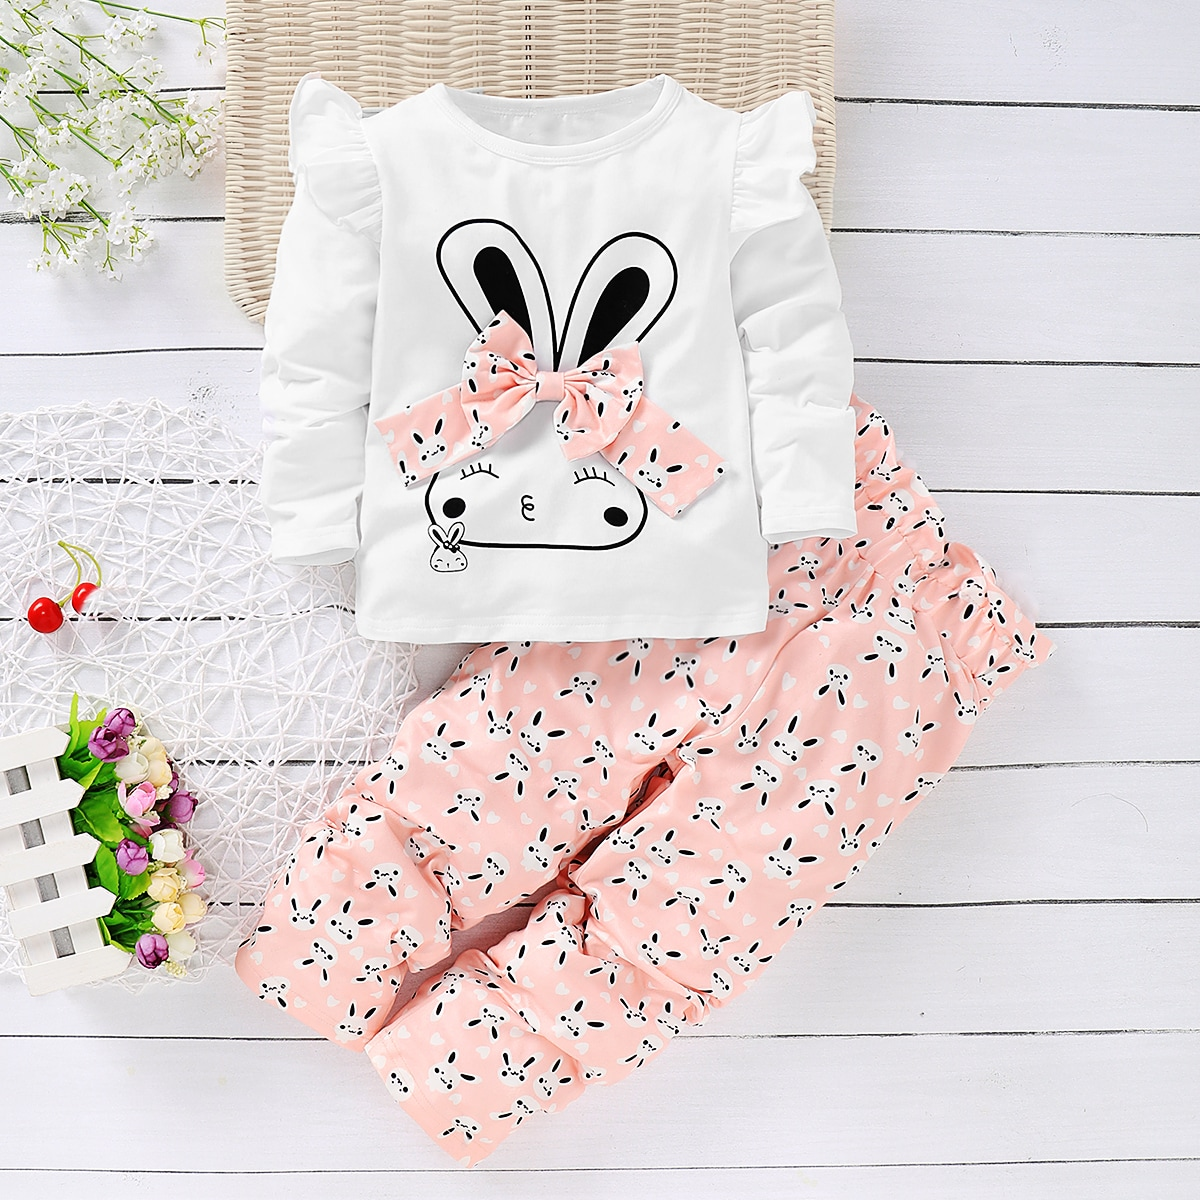 Брюки и футболка с бантом, принтом кролика для девочек от SHEIN